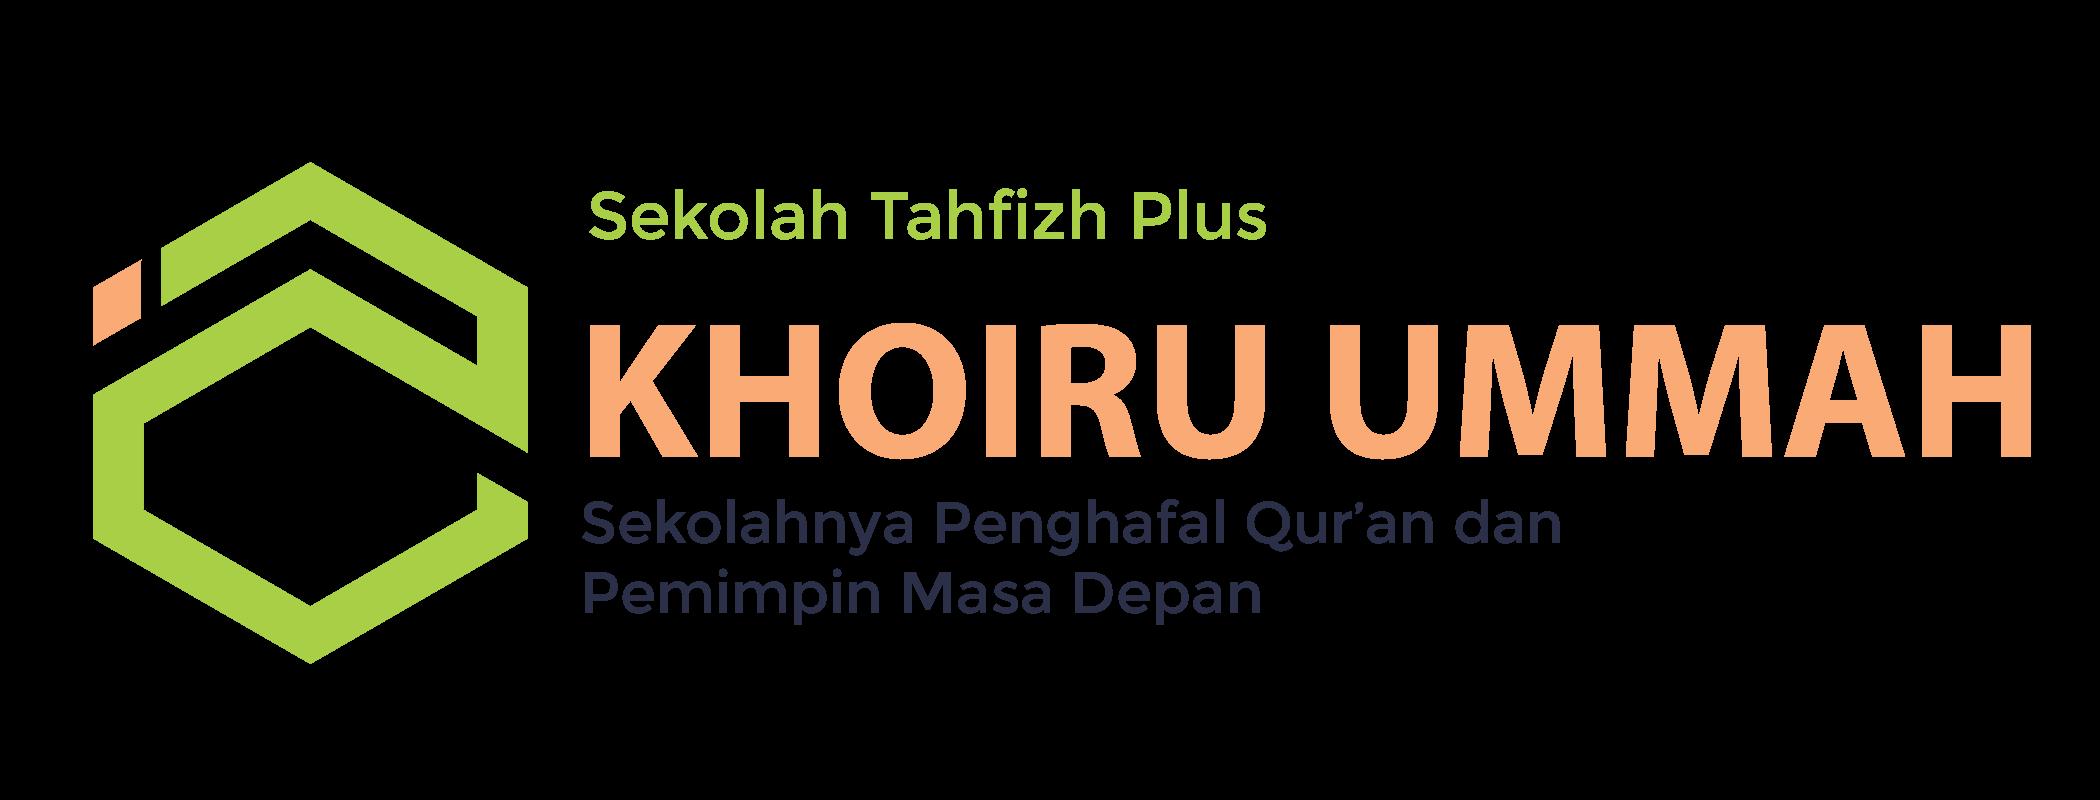 Sekolah Tahfizh Plus Khoiru Ummah